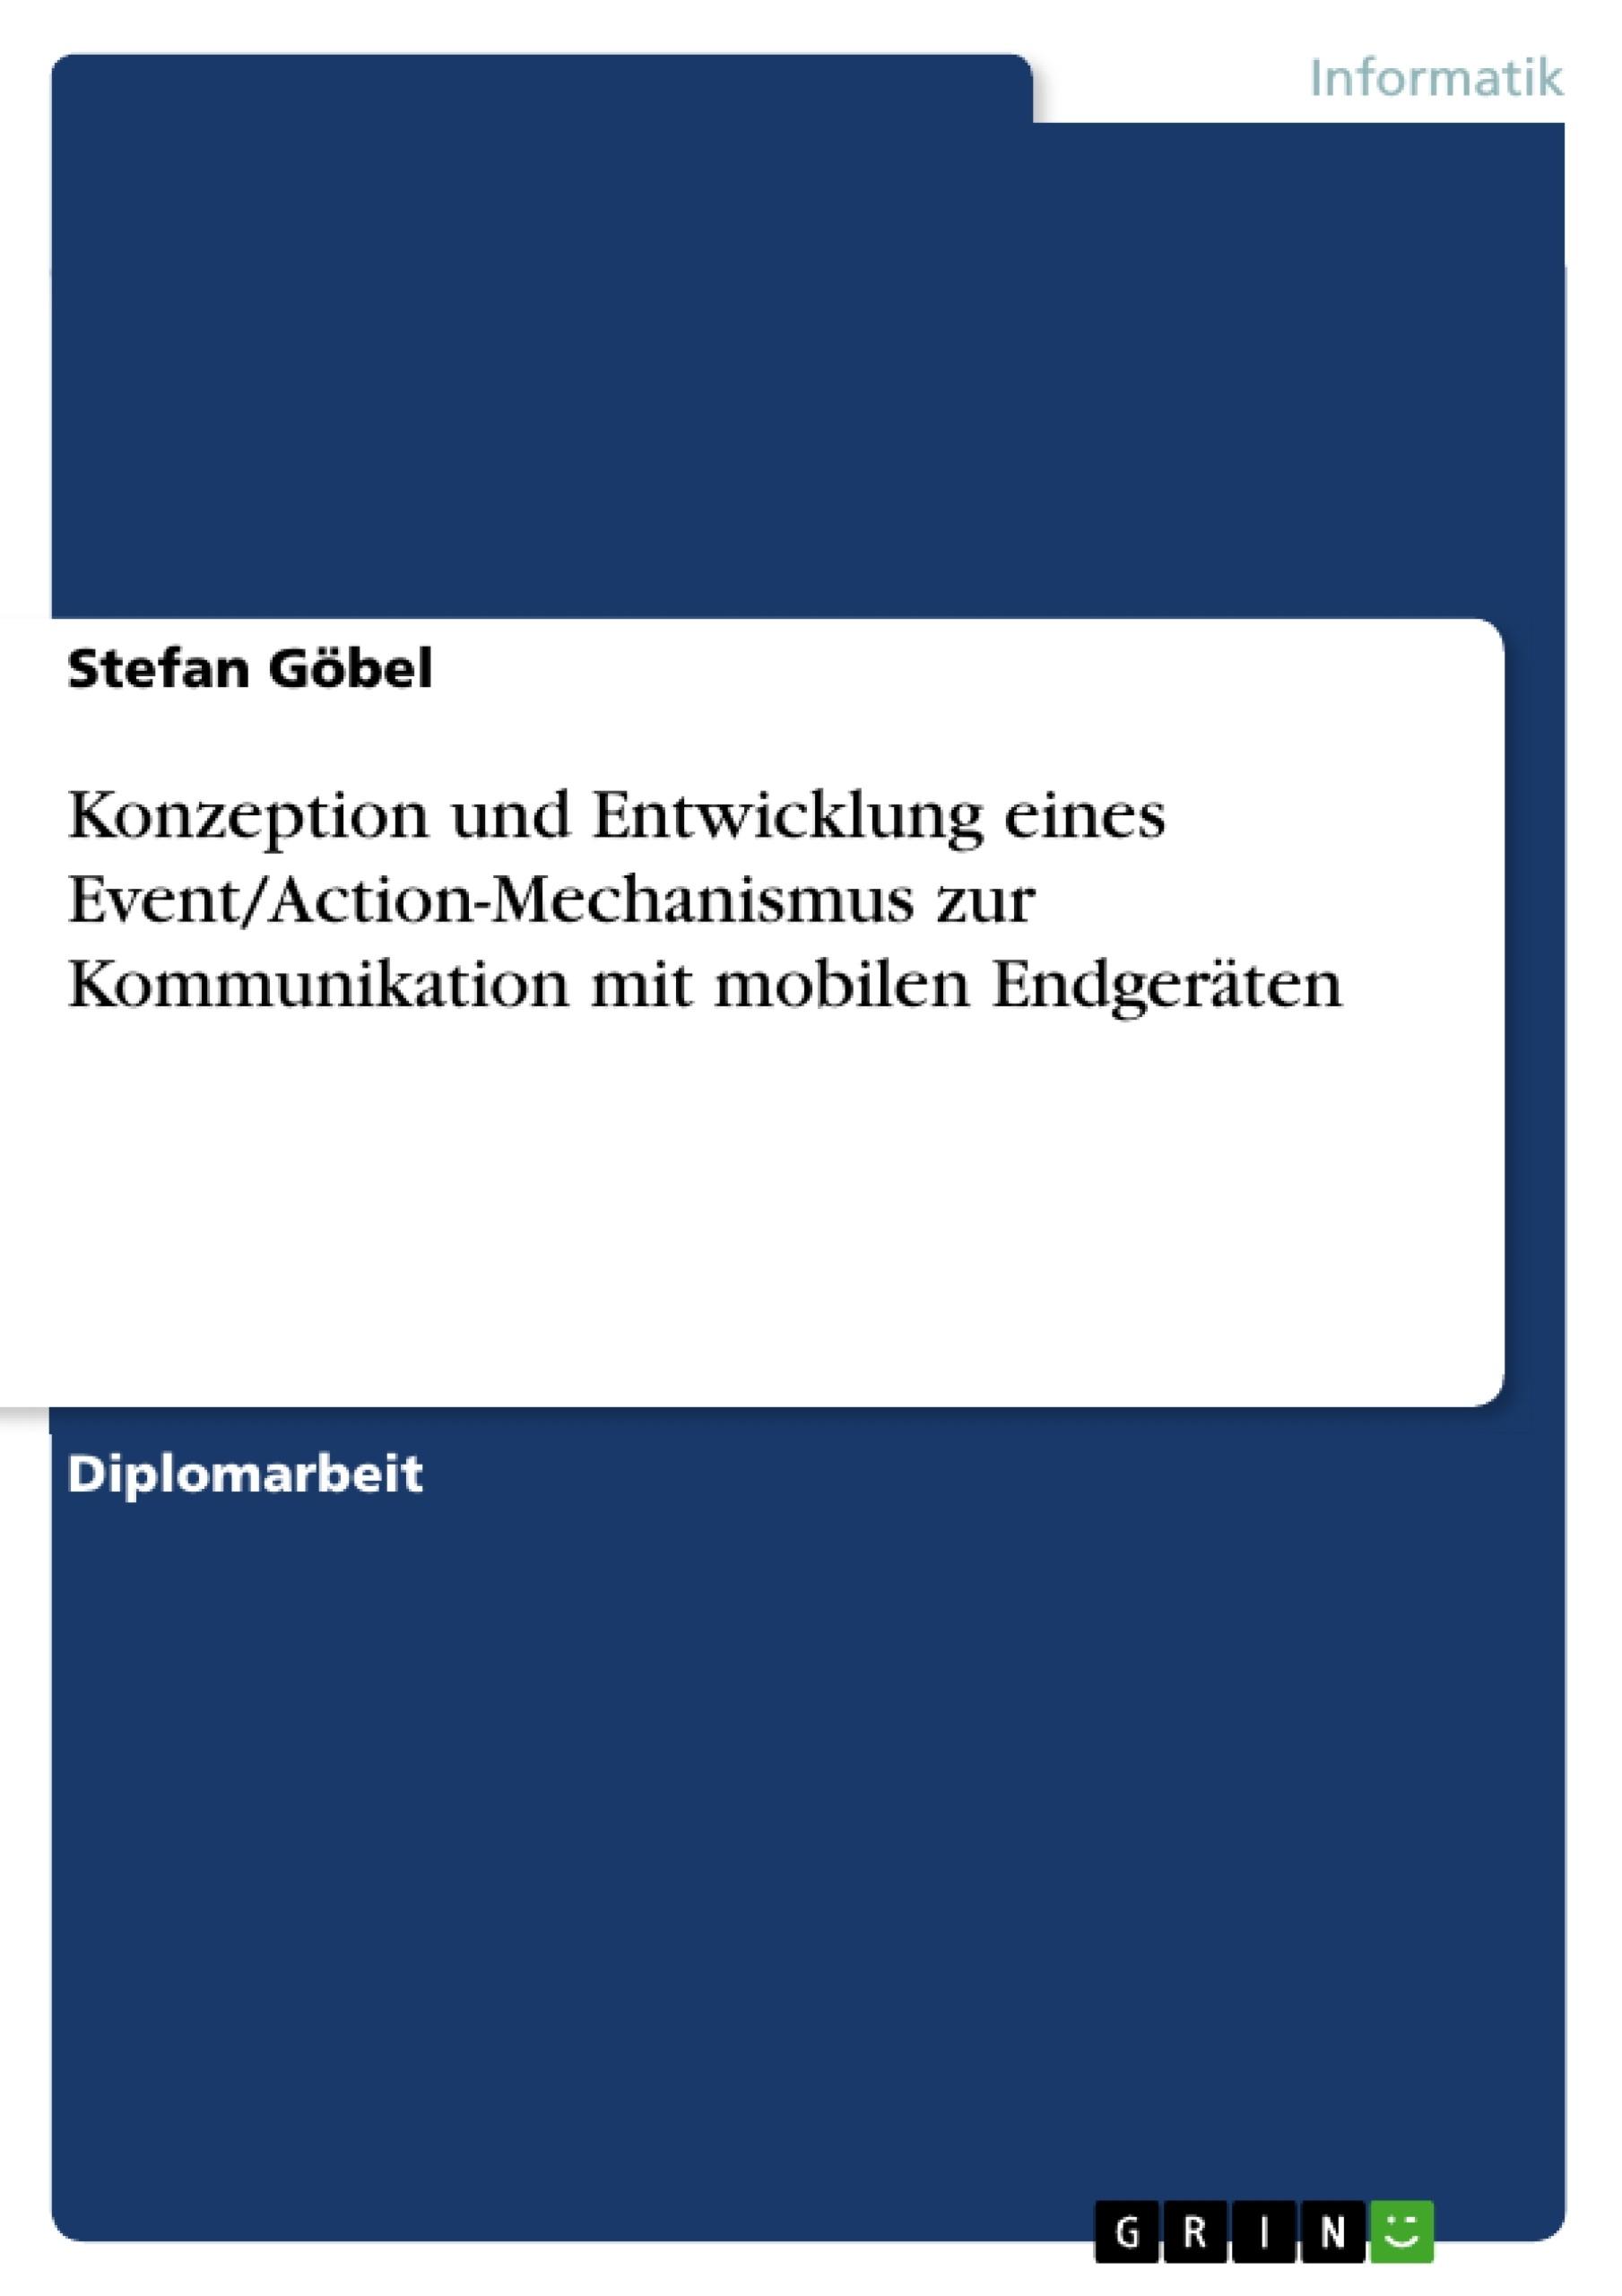 Titel: Konzeption und Entwicklung eines Event/Action-Mechanismus zur Kommunikation mit mobilen Endgeräten